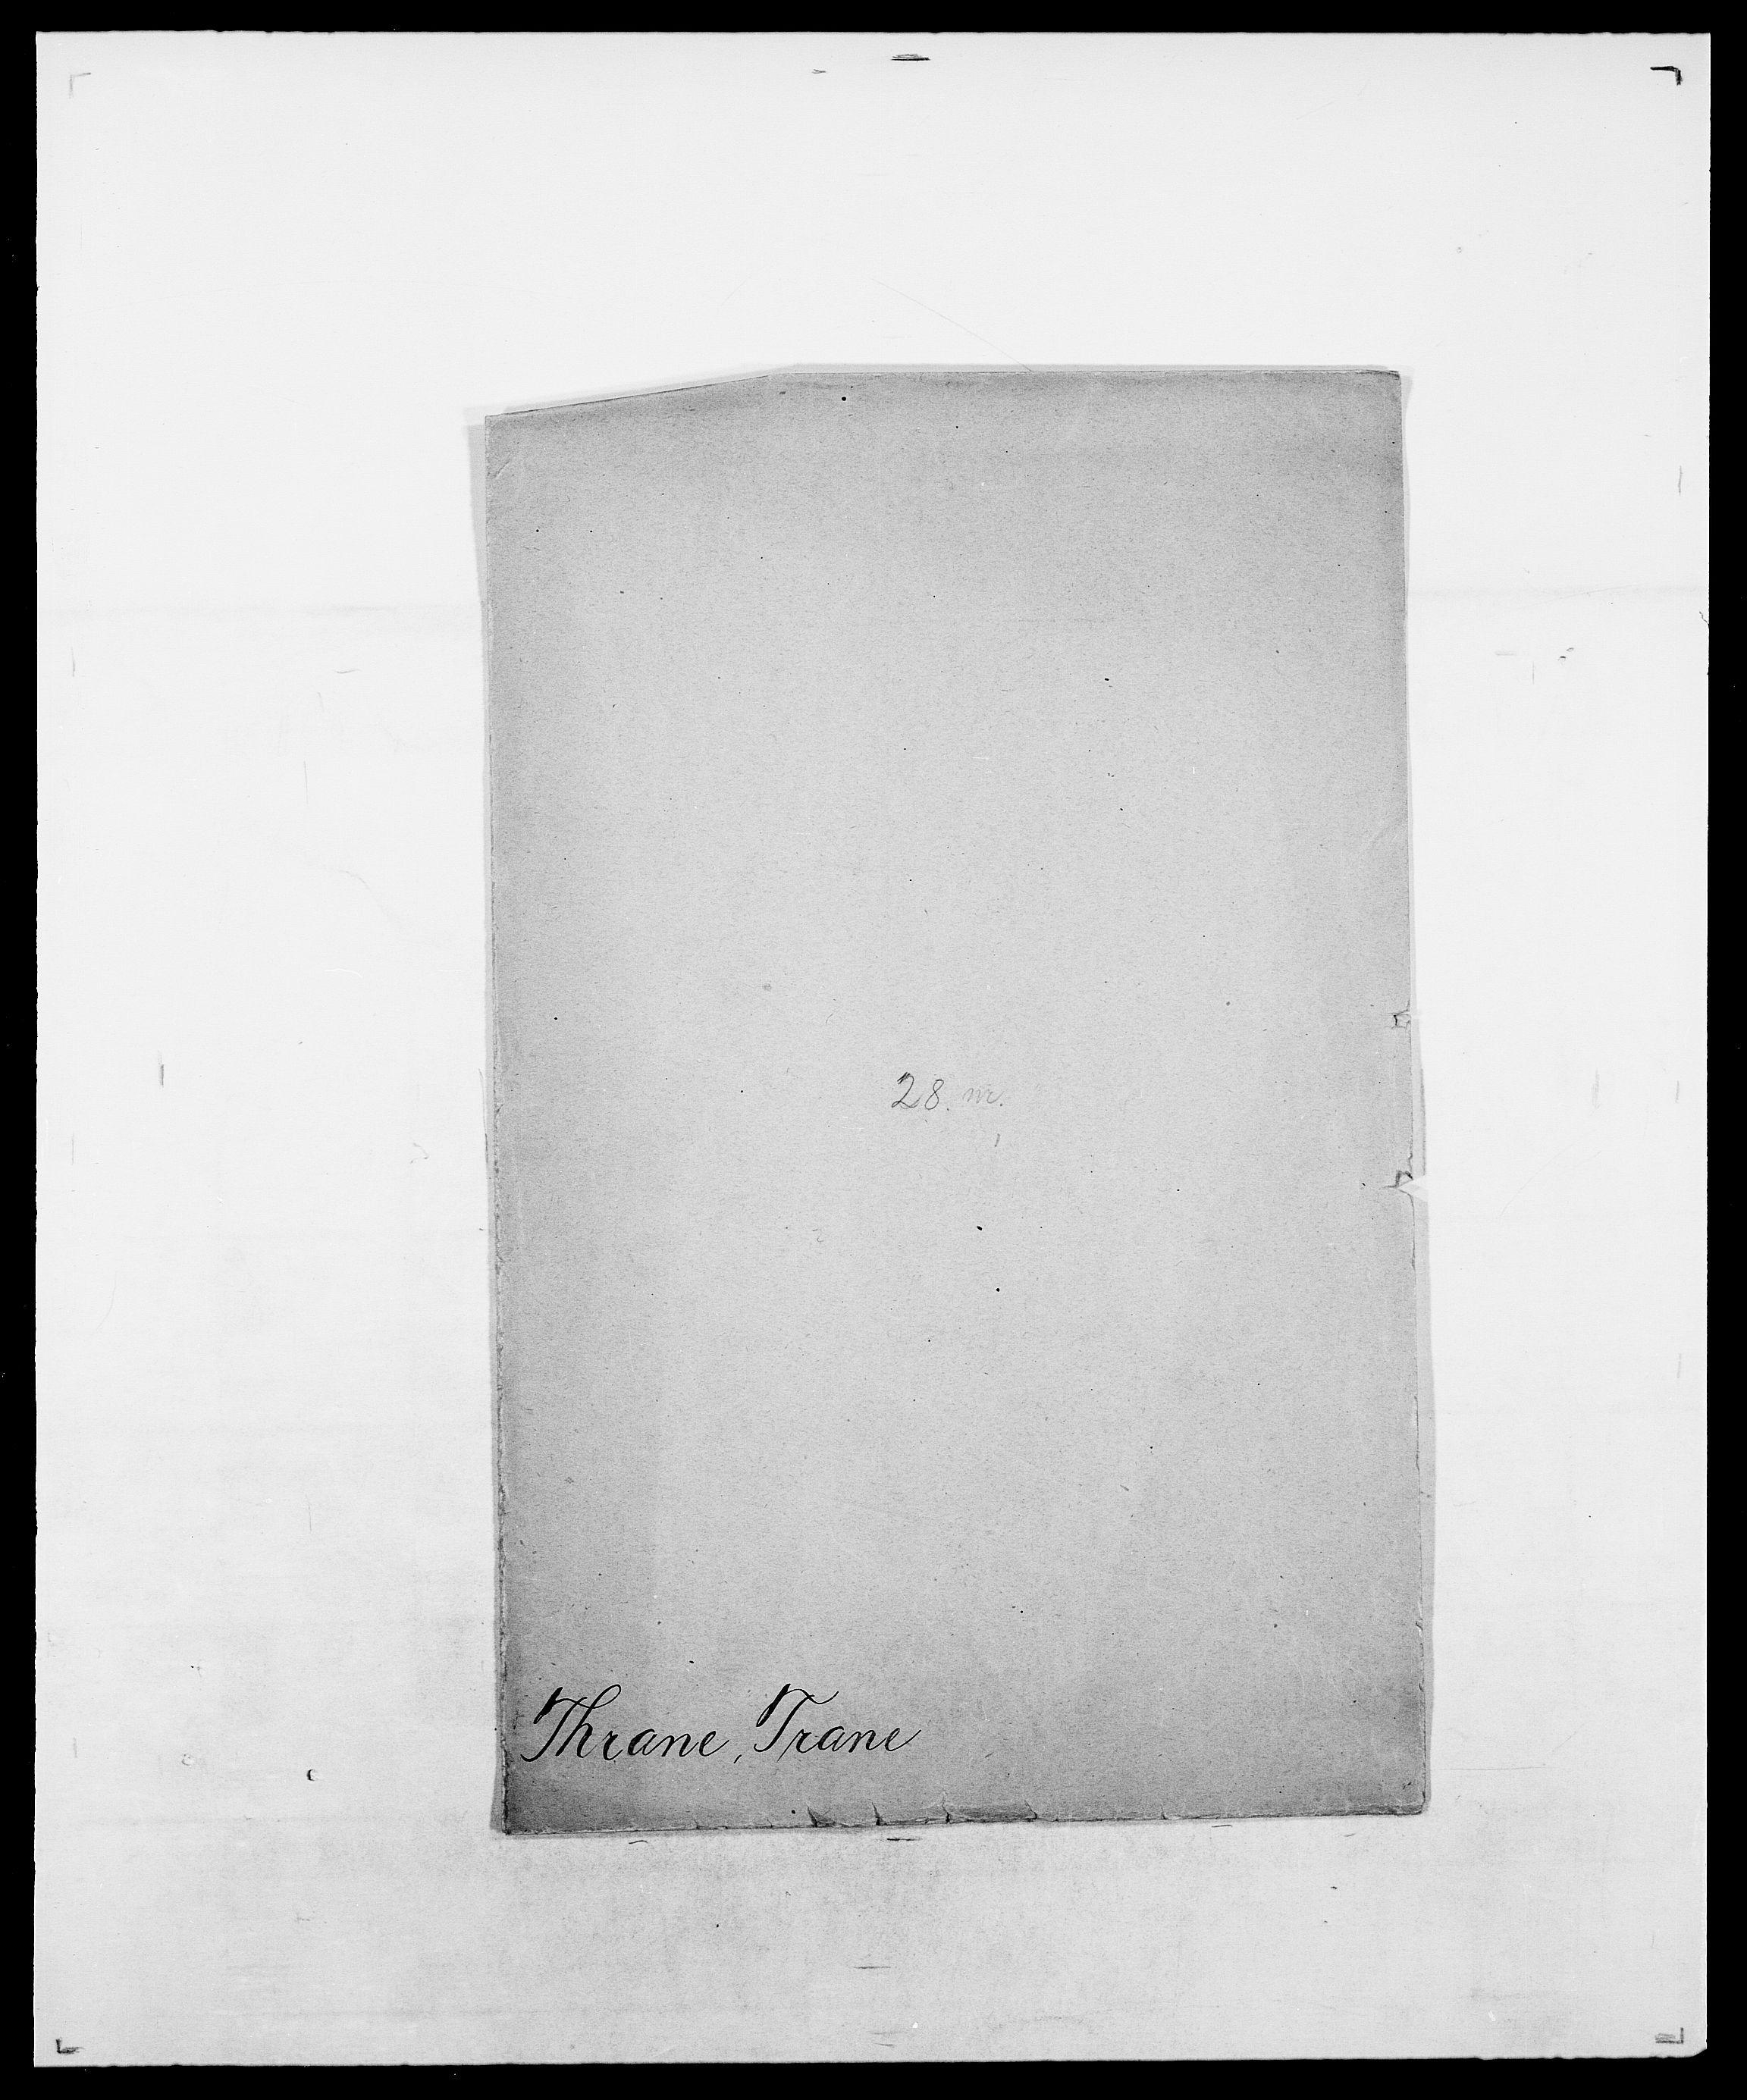 SAO, Delgobe, Charles Antoine - samling, D/Da/L0038: Svanenskjold - Thornsohn, s. 940